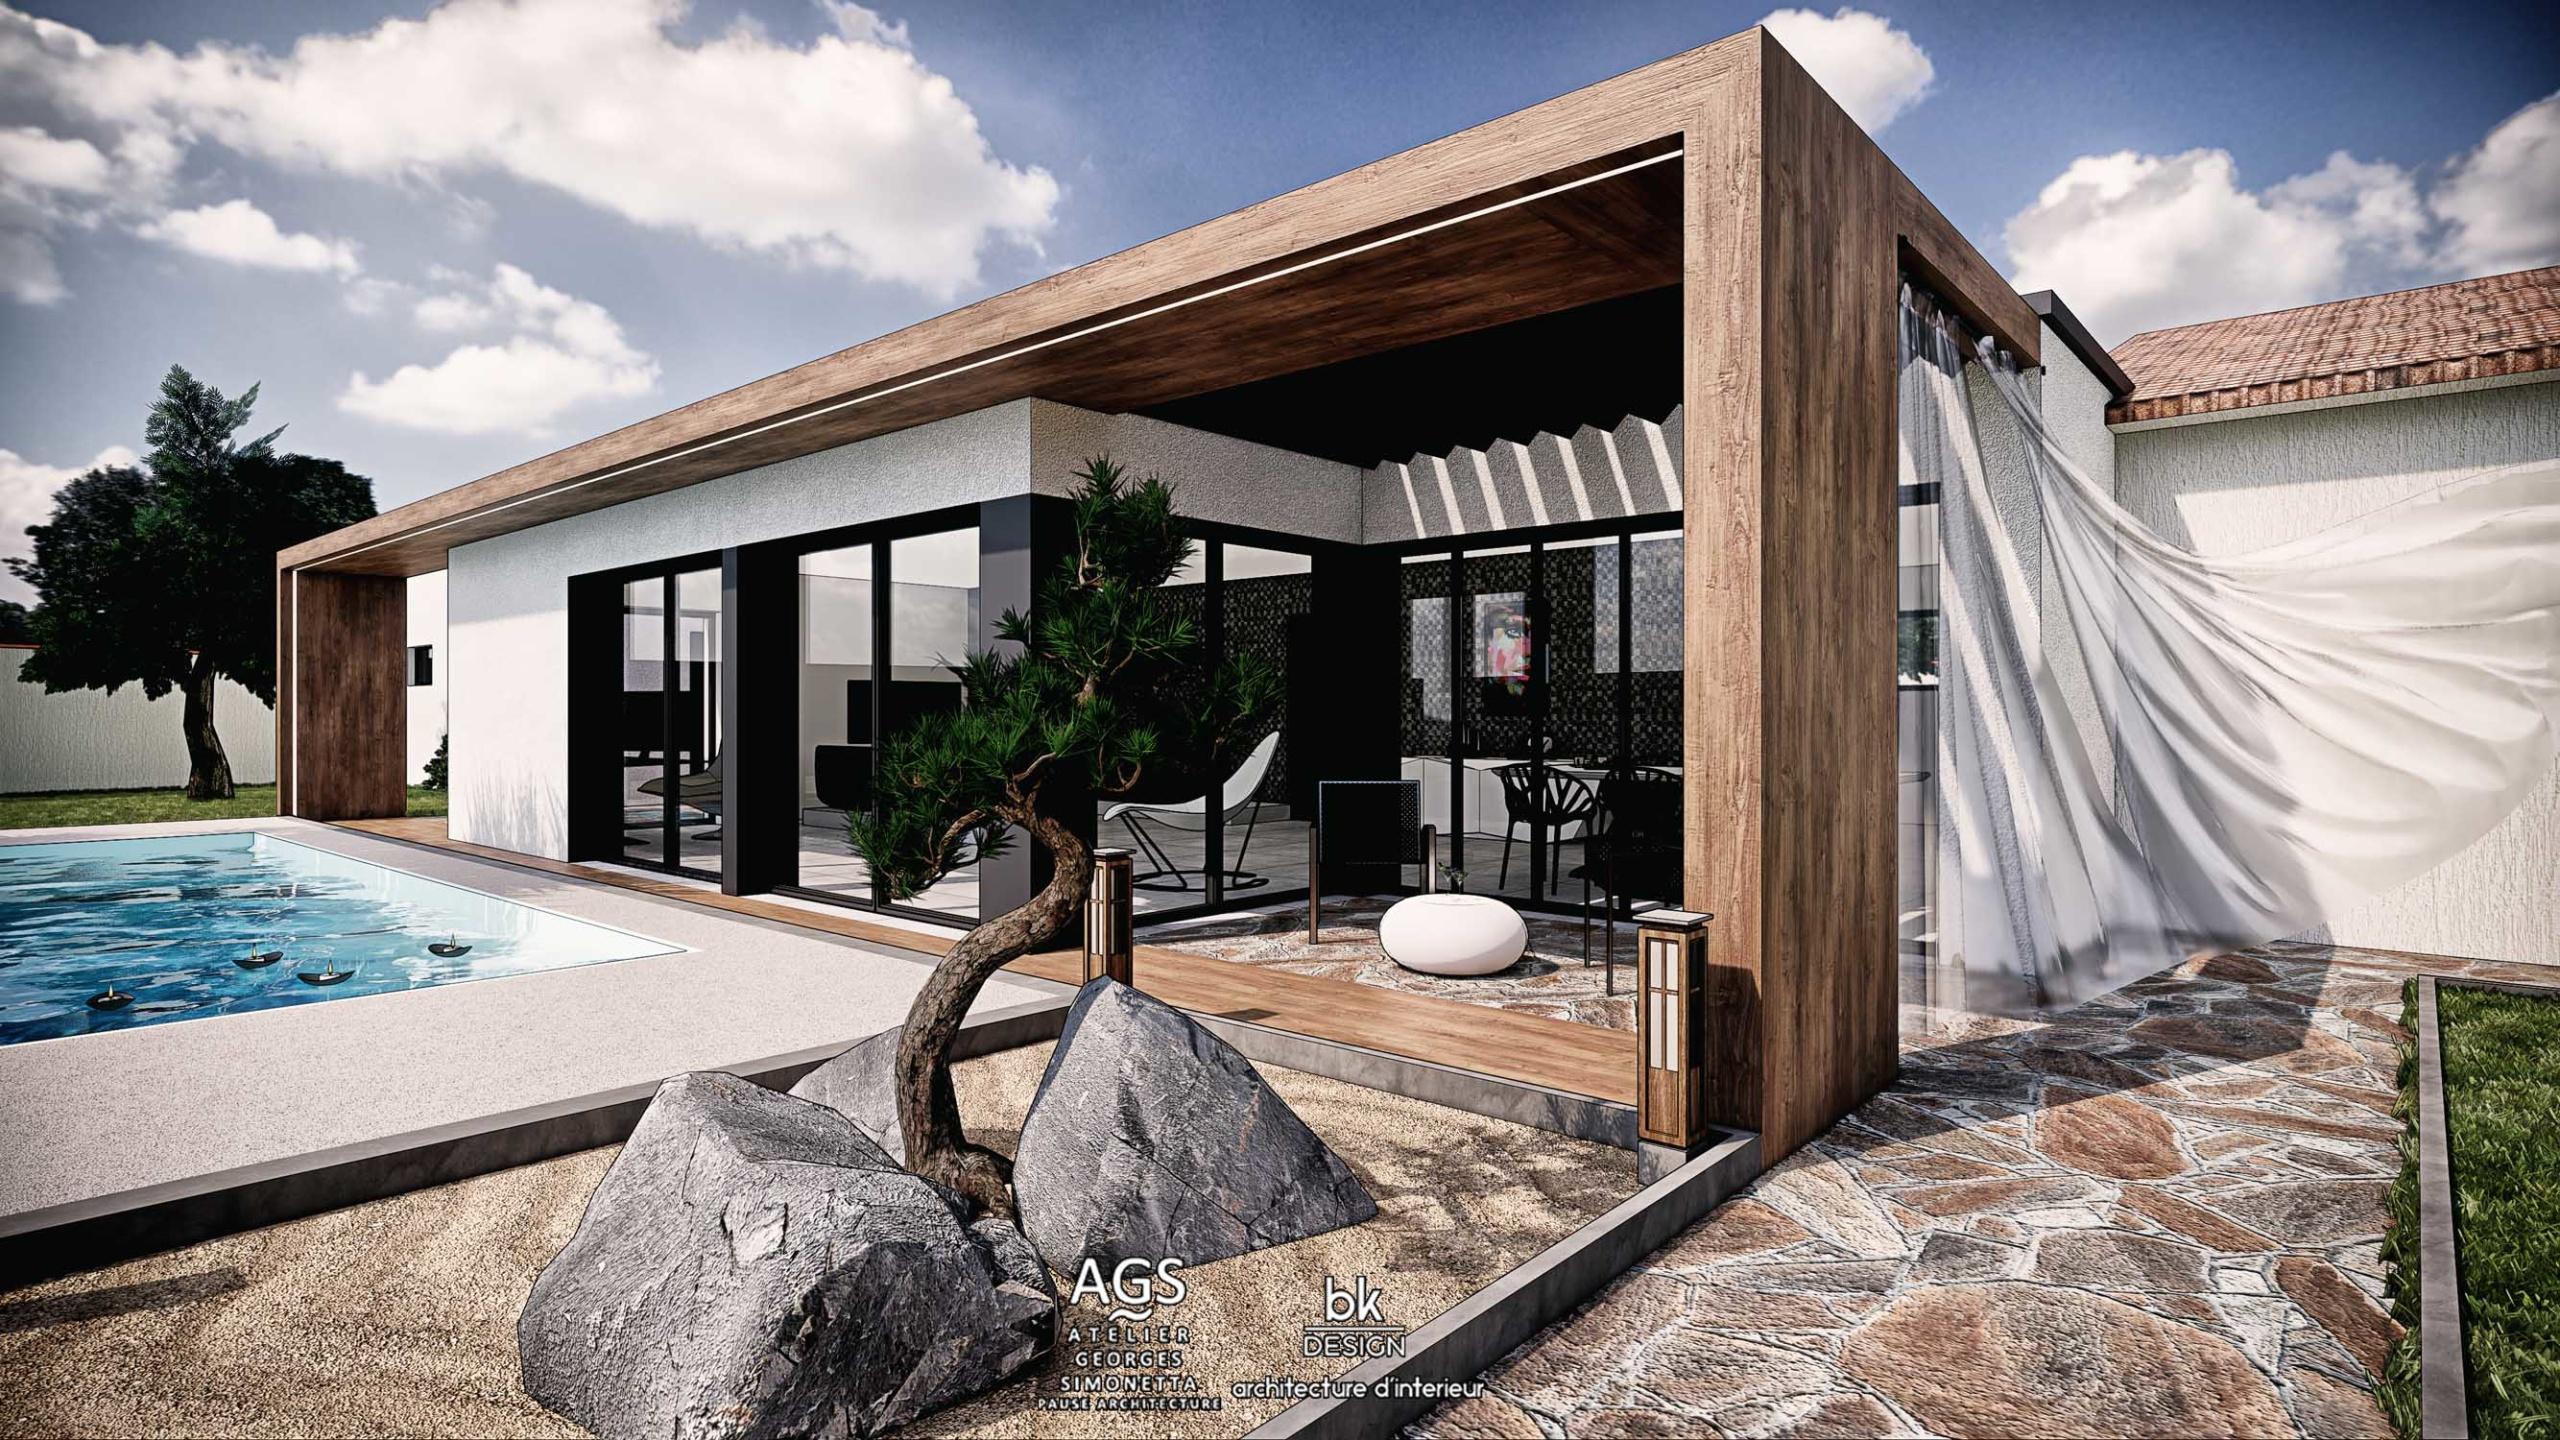 18 bk Design Projet Les Arcs v5 03 Villa